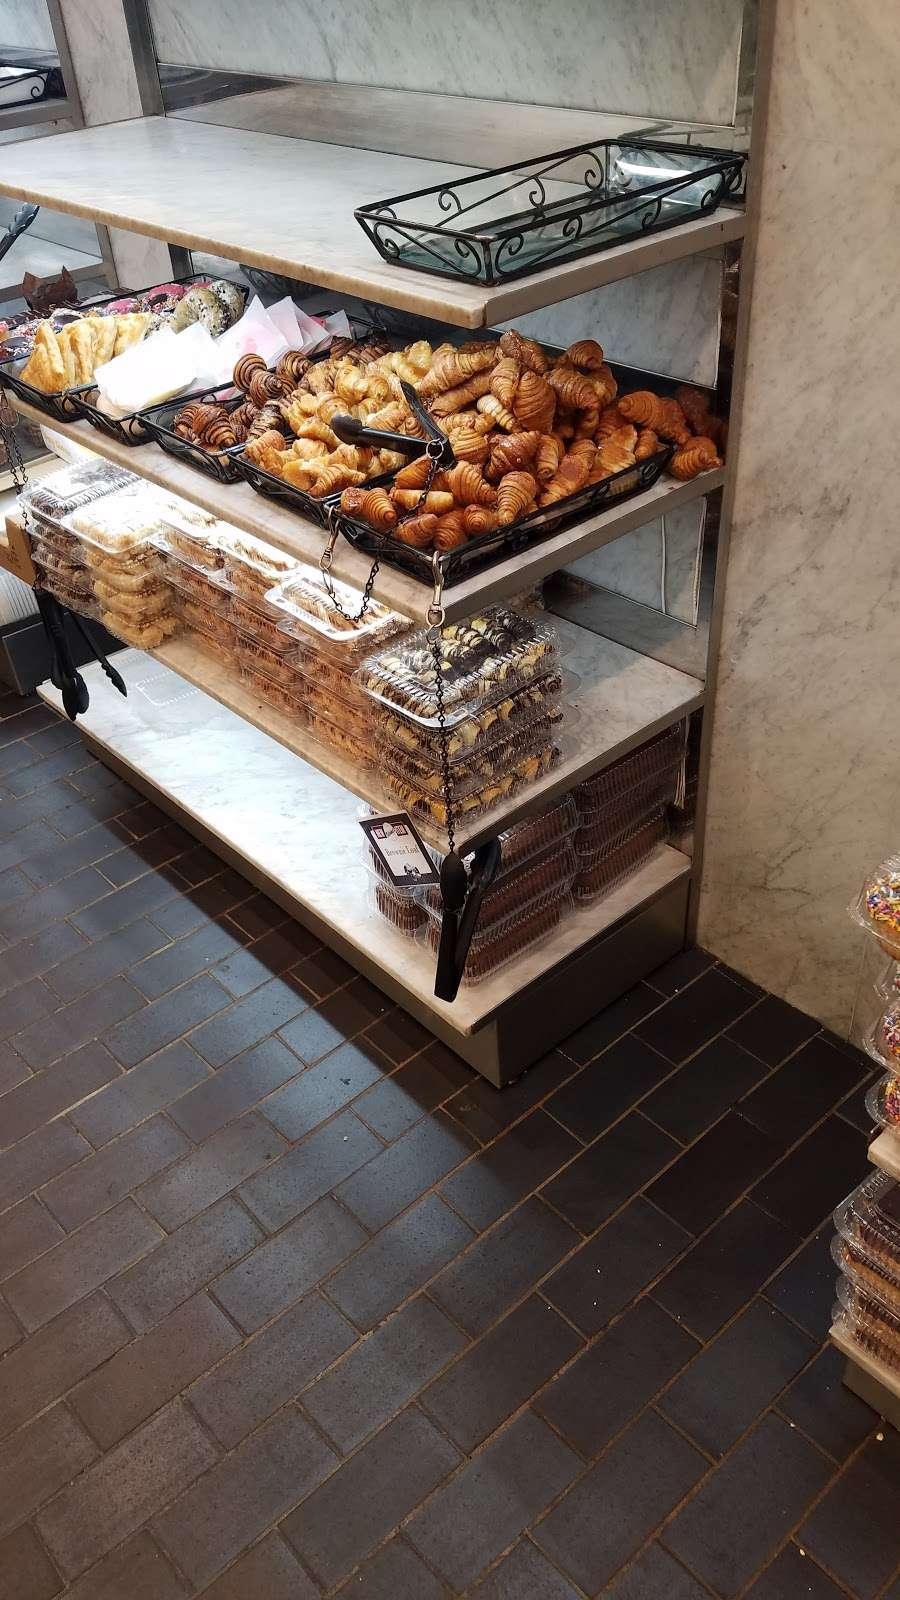 Shloimys Bake Shoppe - bakery  | Photo 10 of 10 | Address: 4712 16th Ave, Brooklyn, NY 11204, USA | Phone: (718) 854-1766